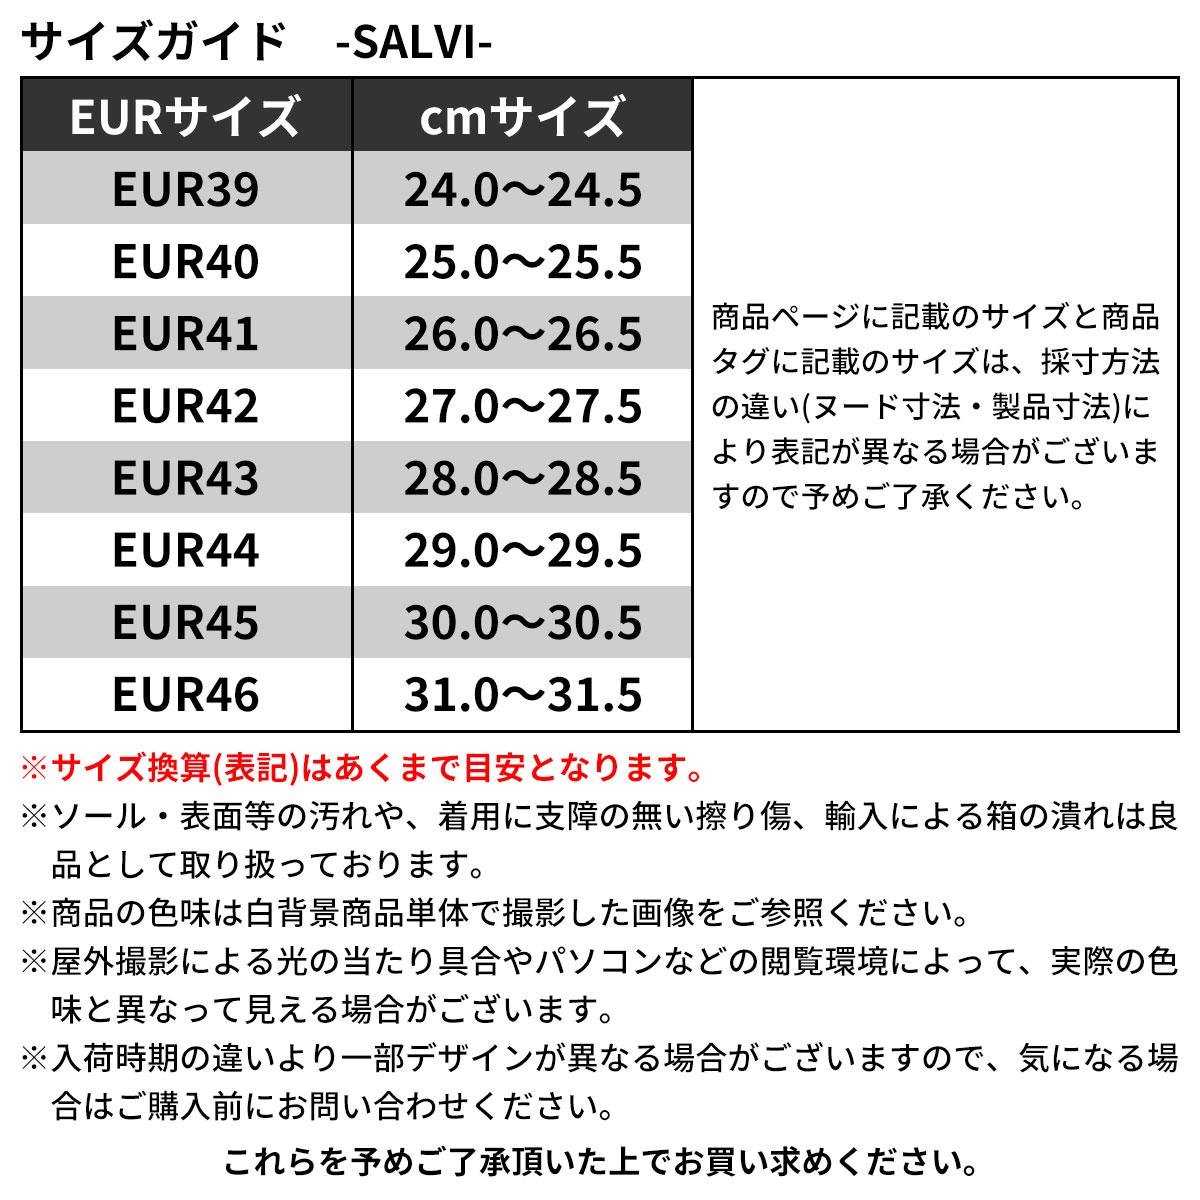 サルヴィ SALVI 正規販売店 シューズ エスパドリーユ ESPADRILLE SHOES エスパドリーユ シューズ 44-2 IKE LIME A71B B1C C4D D2E E08F